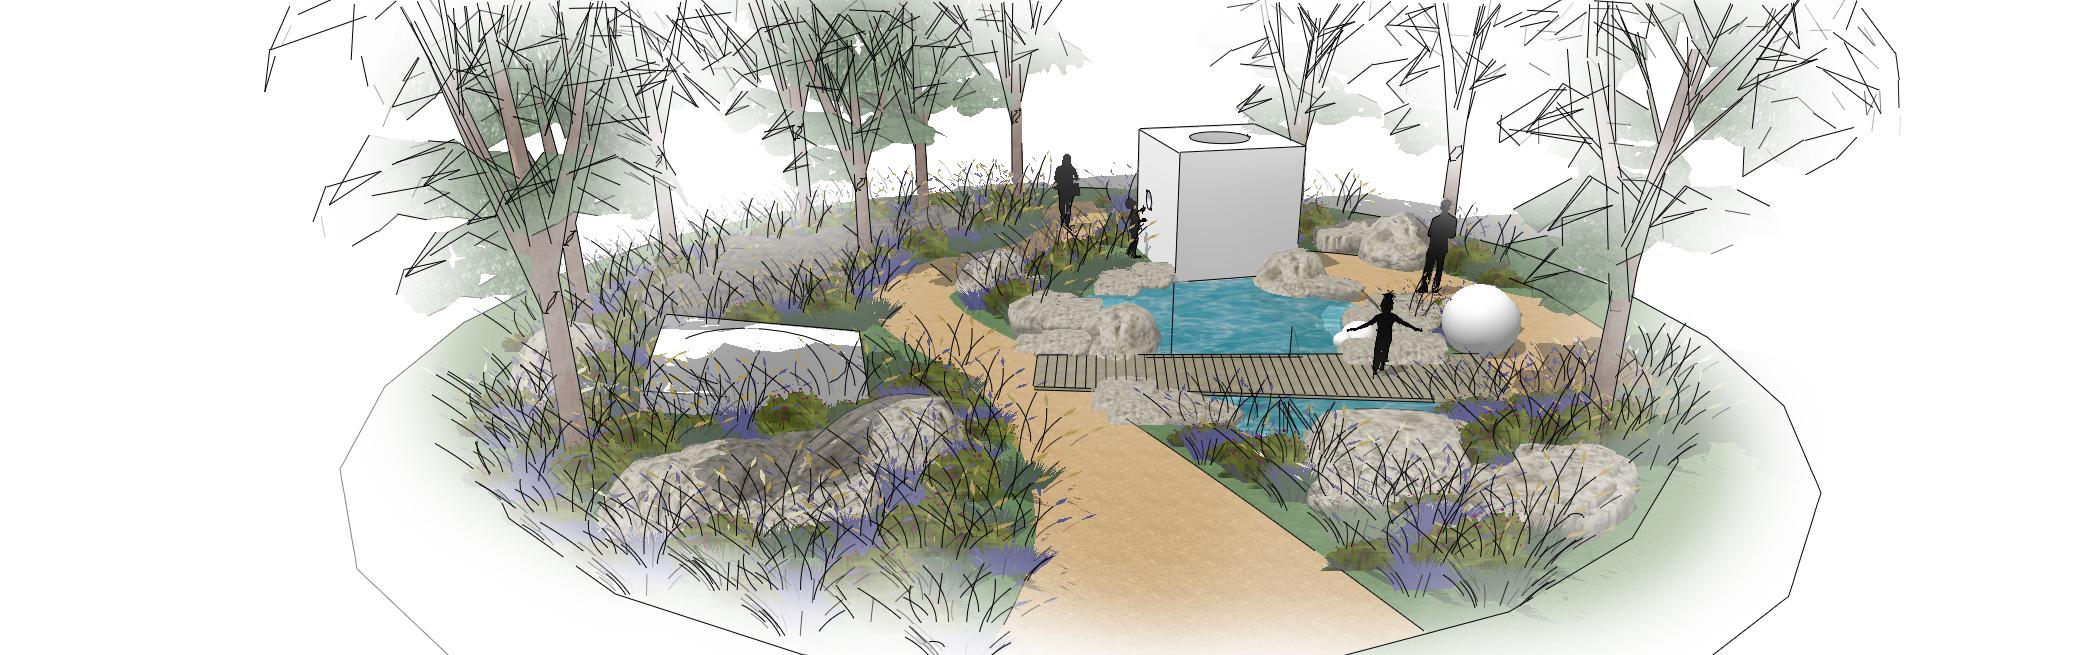 Fisher tomlin bowyer to design garden for the australian for Garden design jobs sydney